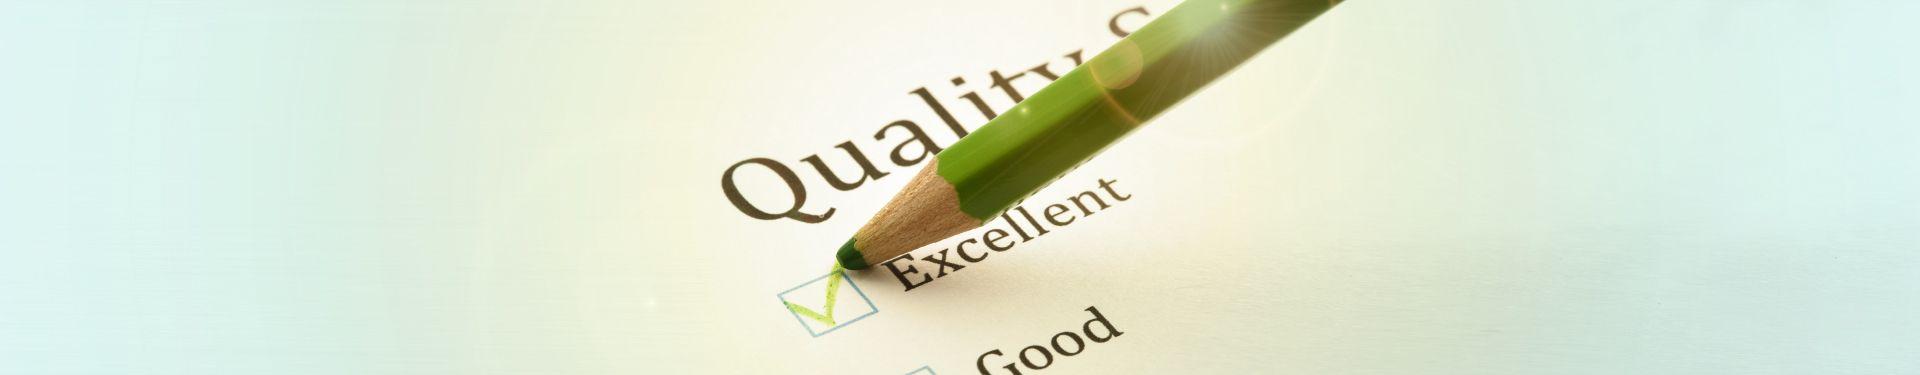 Συστήματα διαχείρισης ποιότητας